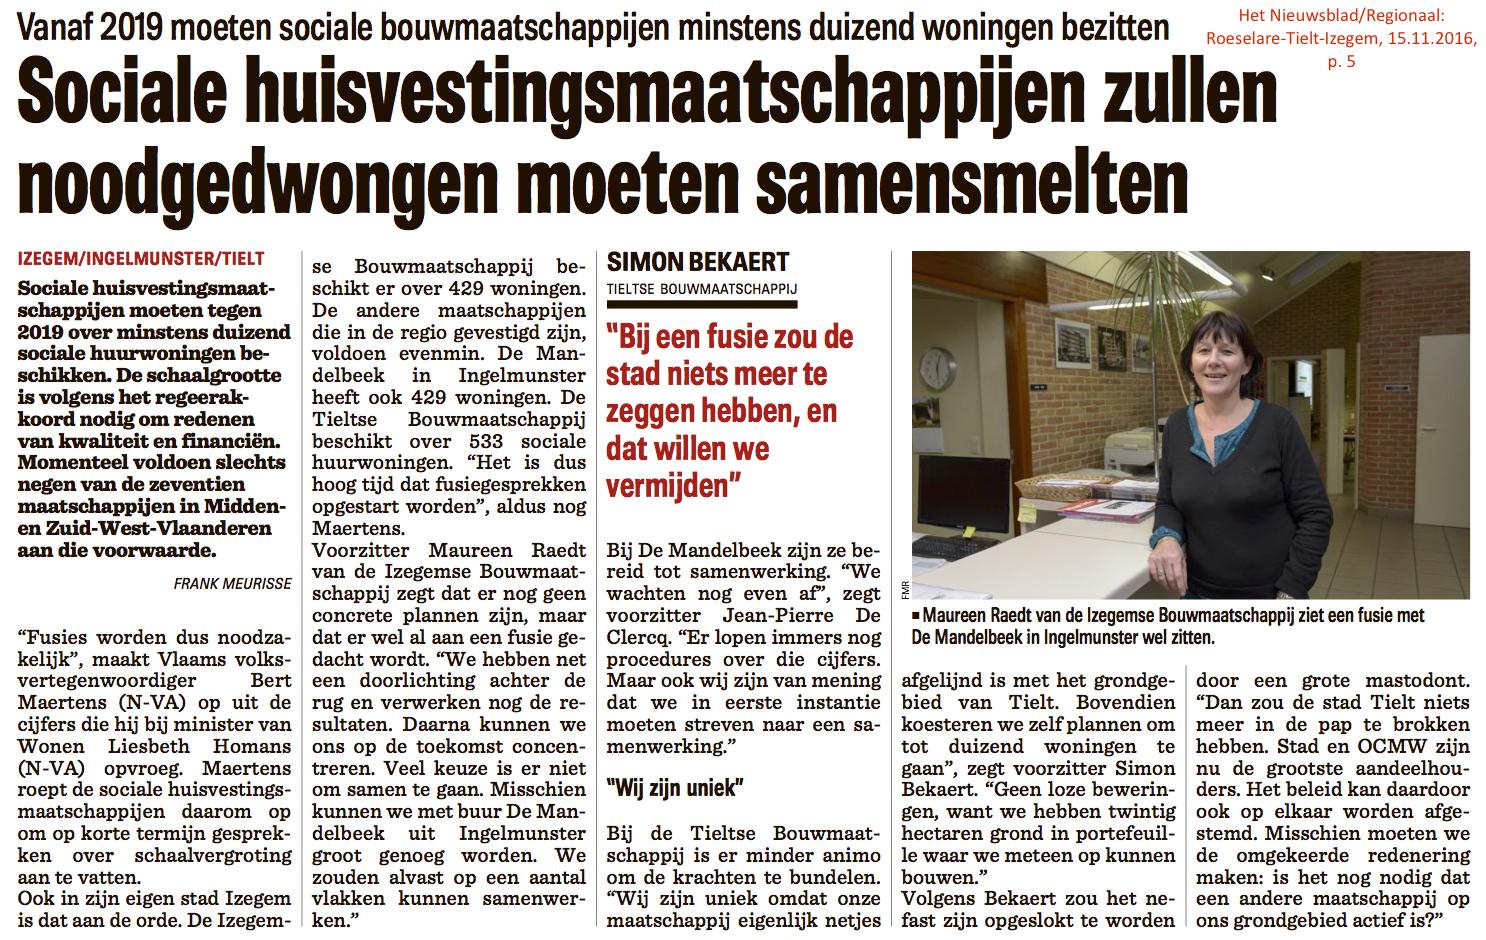 Het Nieuwsblad/Regionaal: Roeselare-Tielt-Izegem, 15.11.2016, p. 5